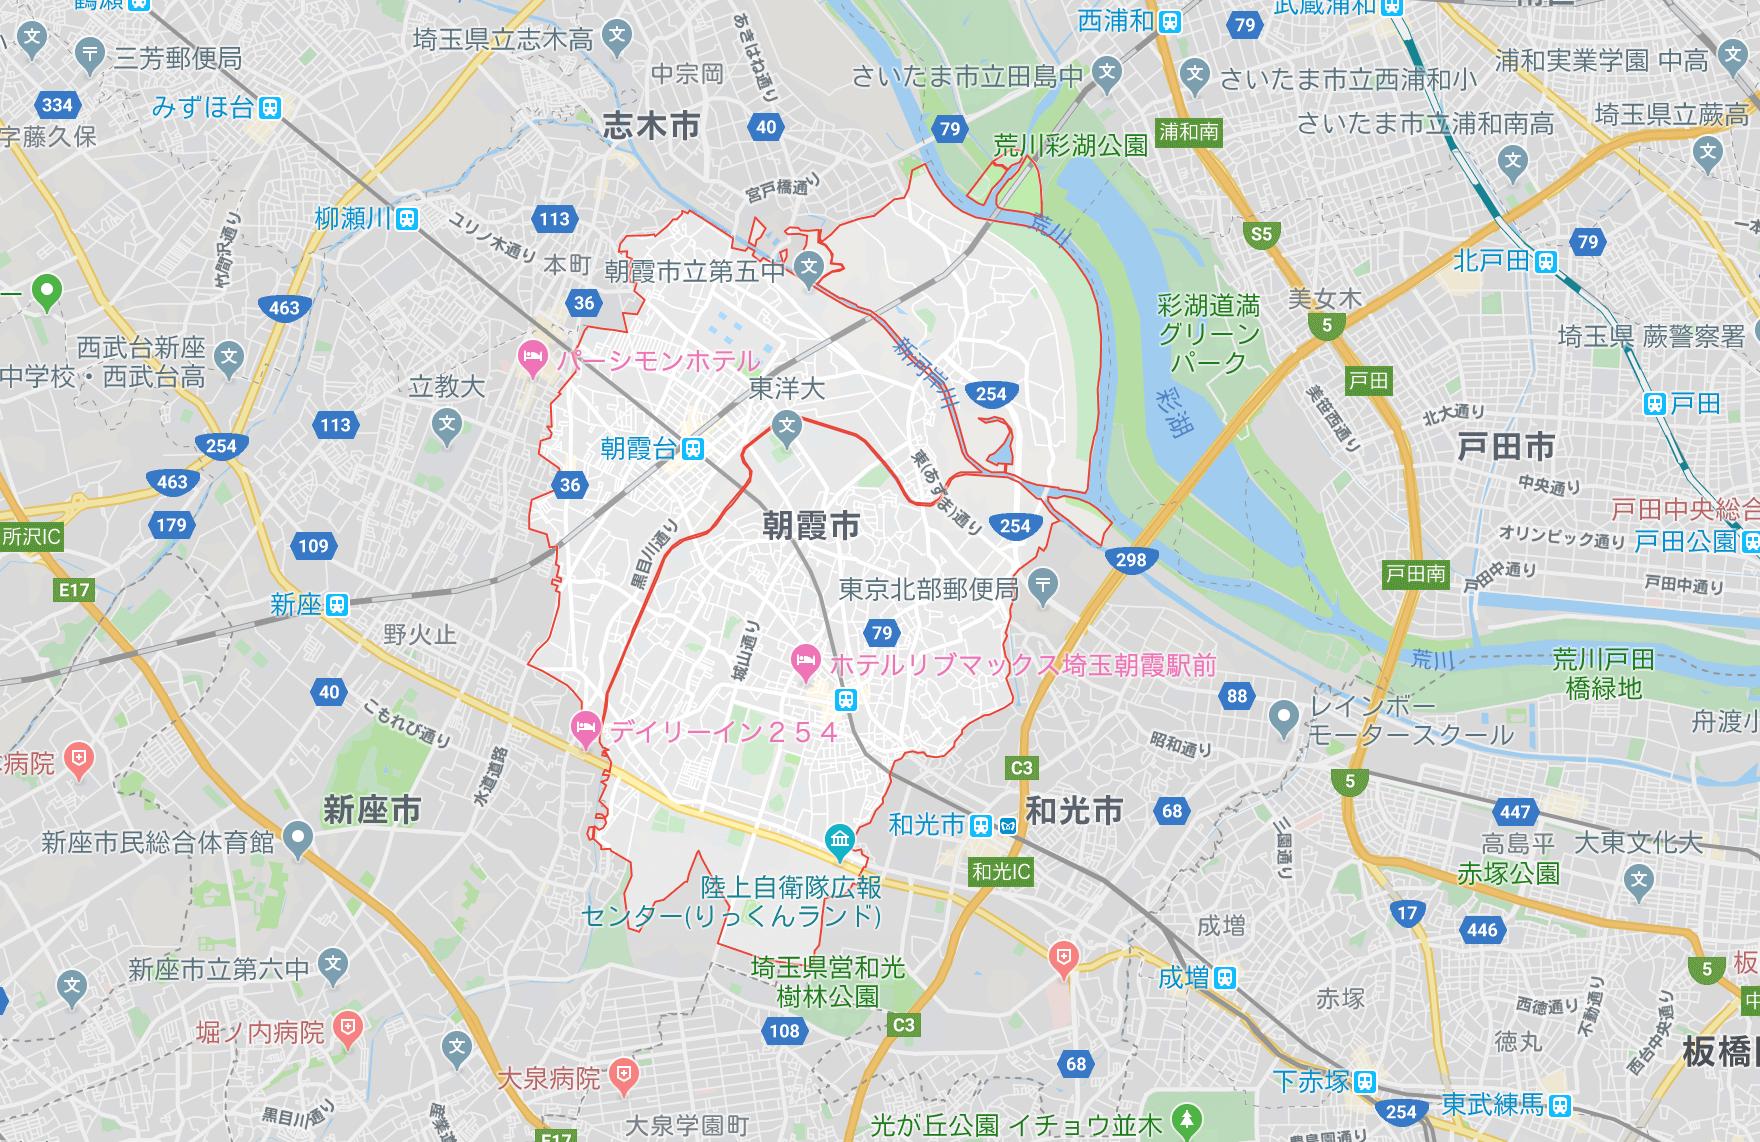 埼玉県朝霞市,地図